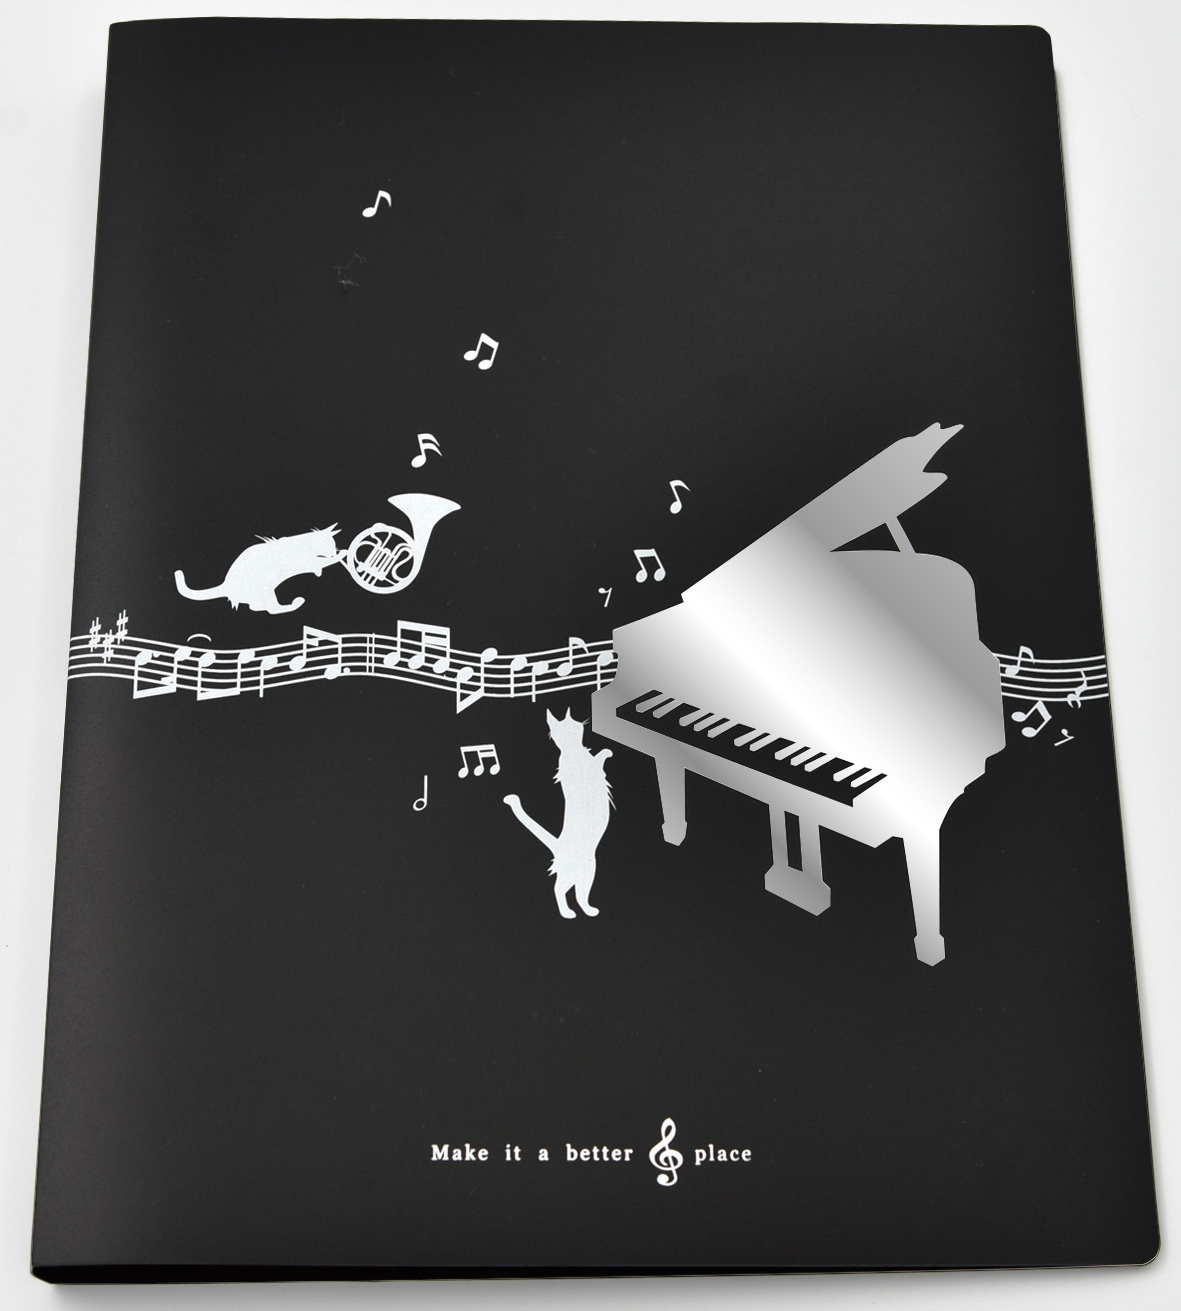 シャノワール A4リングファイル※お取り寄せ商品 引き出物 記念品 音楽雑貨 音符 ピアノモチーフ ト音記号 ピアノ雑貨